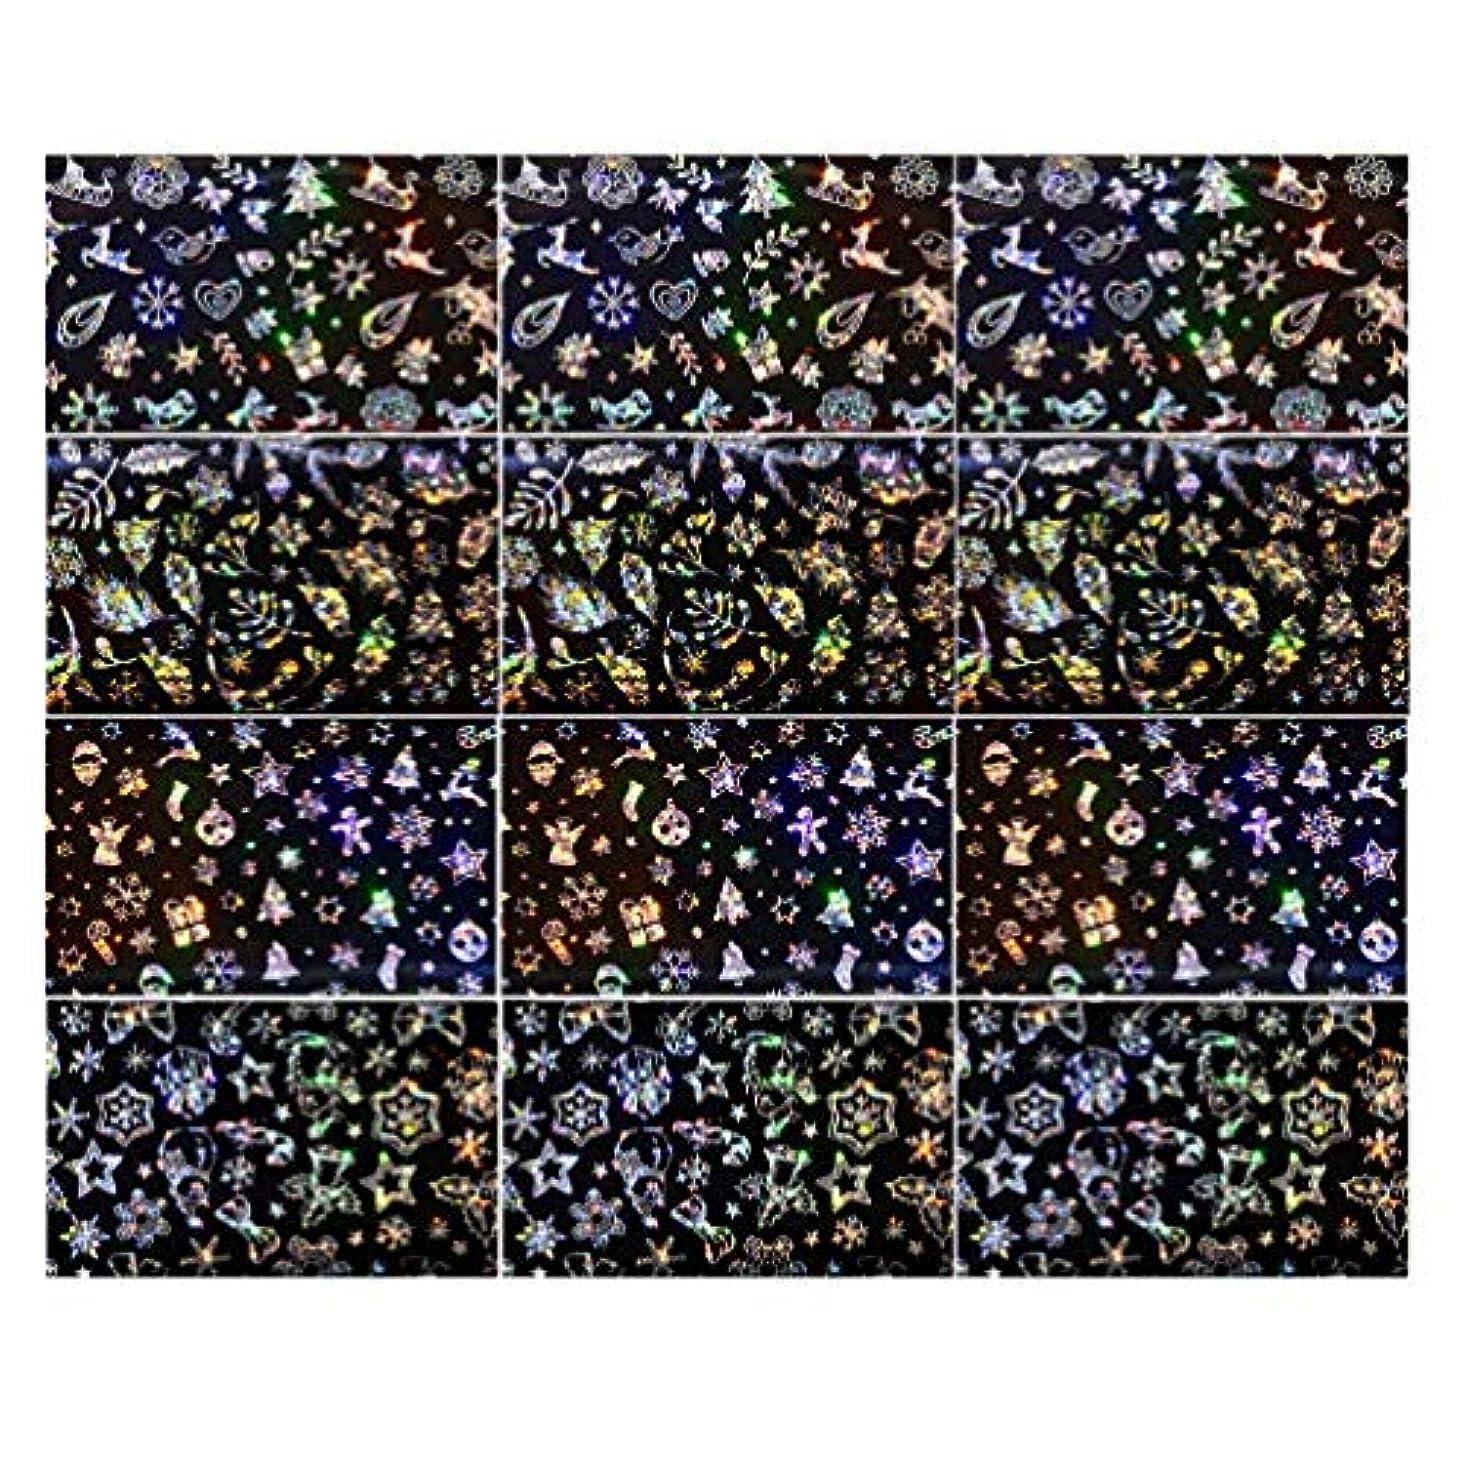 関連付ける内なる引用Lurrose 3セットクリスマスネイルステッカースノーフレークネイルタトゥーdiyネイルアート用女性マダムガールレディ